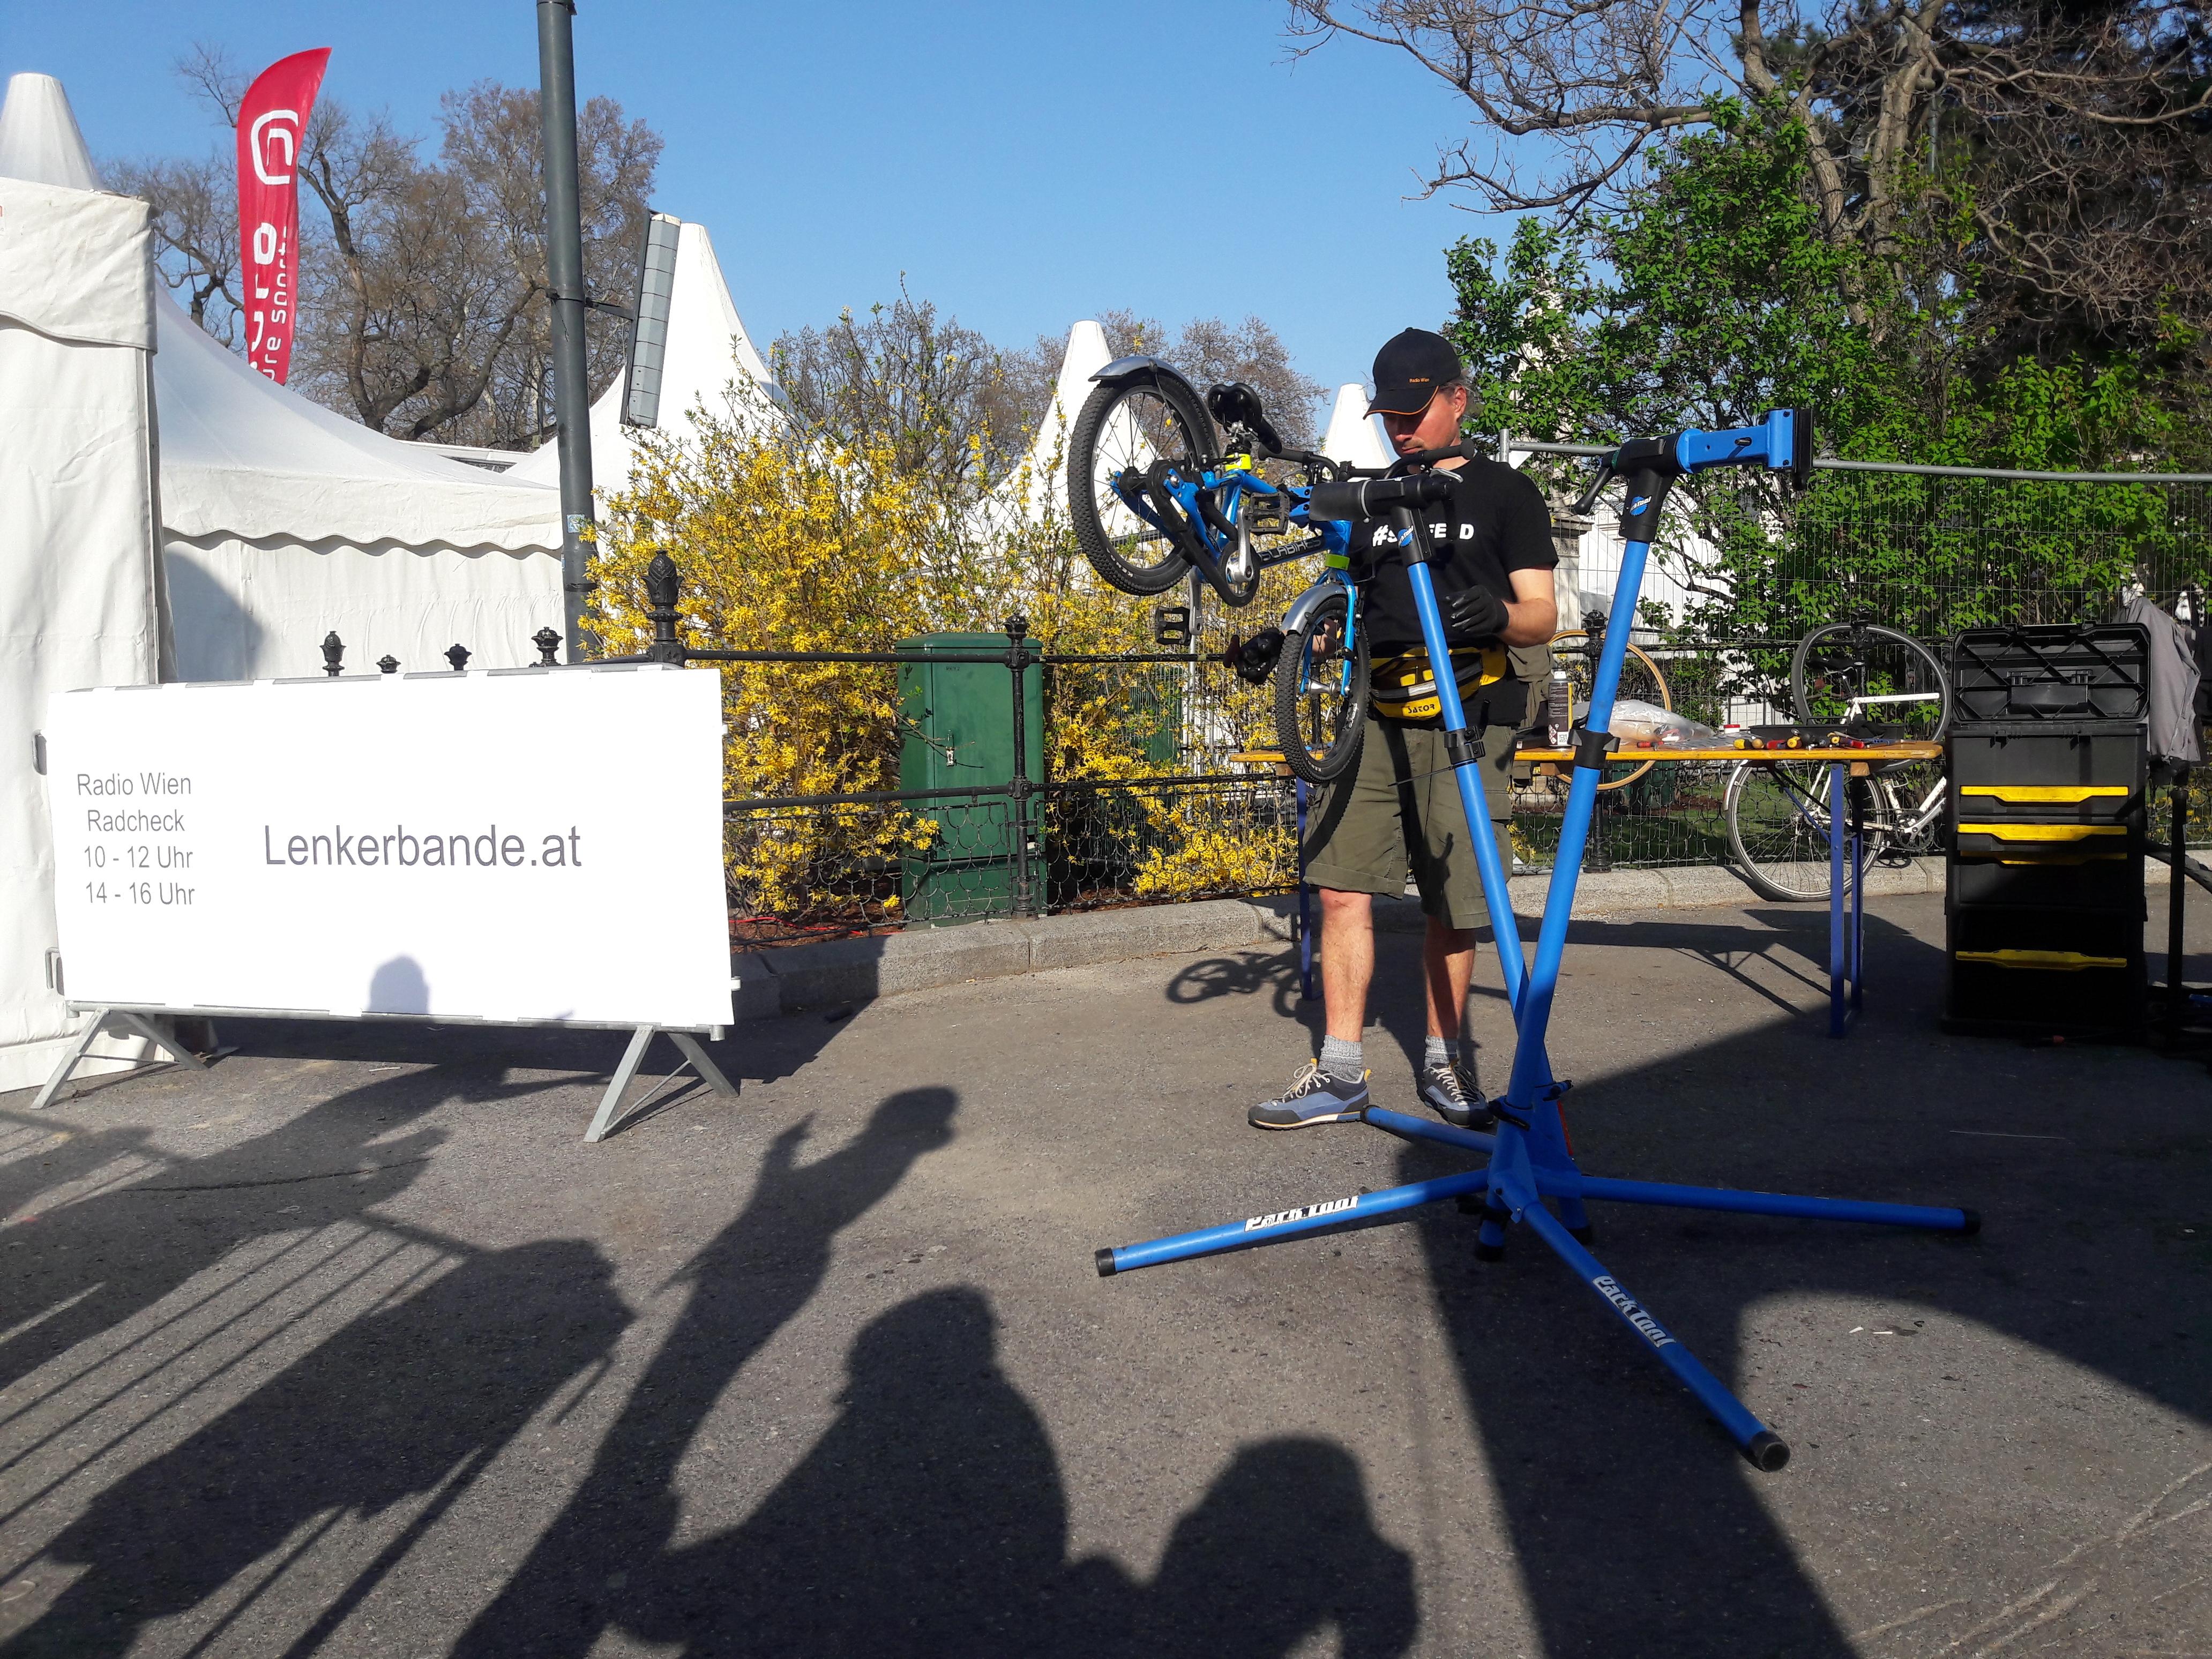 Fahrradreparatur am Bikefestival 2019